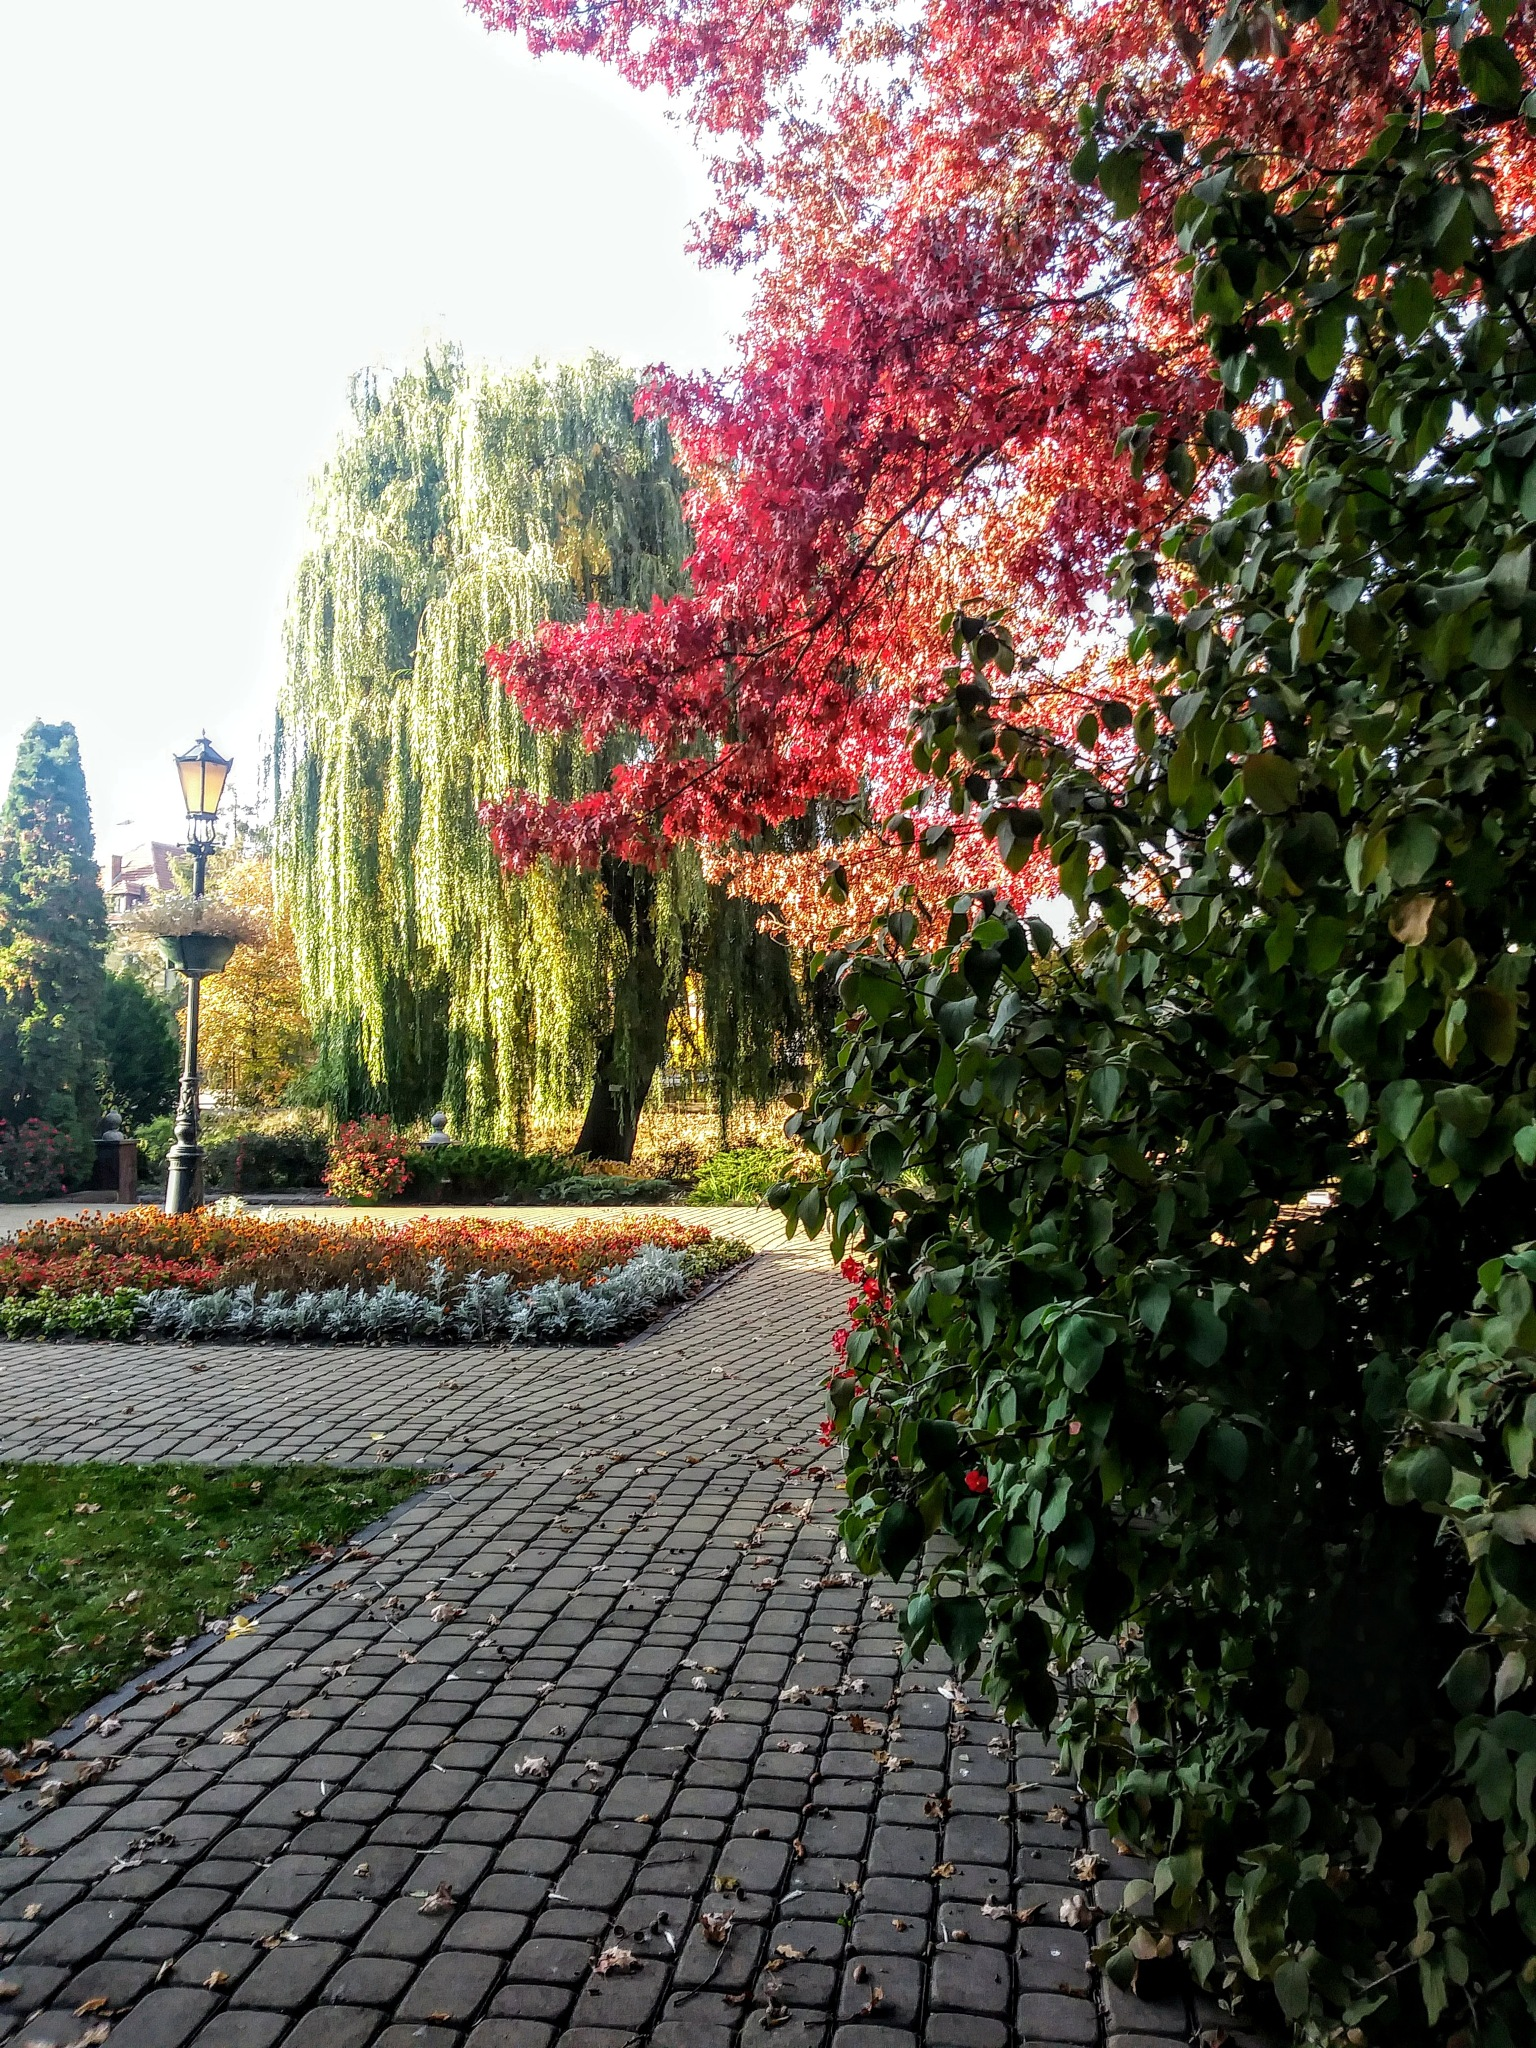 Ogród by jozgraf